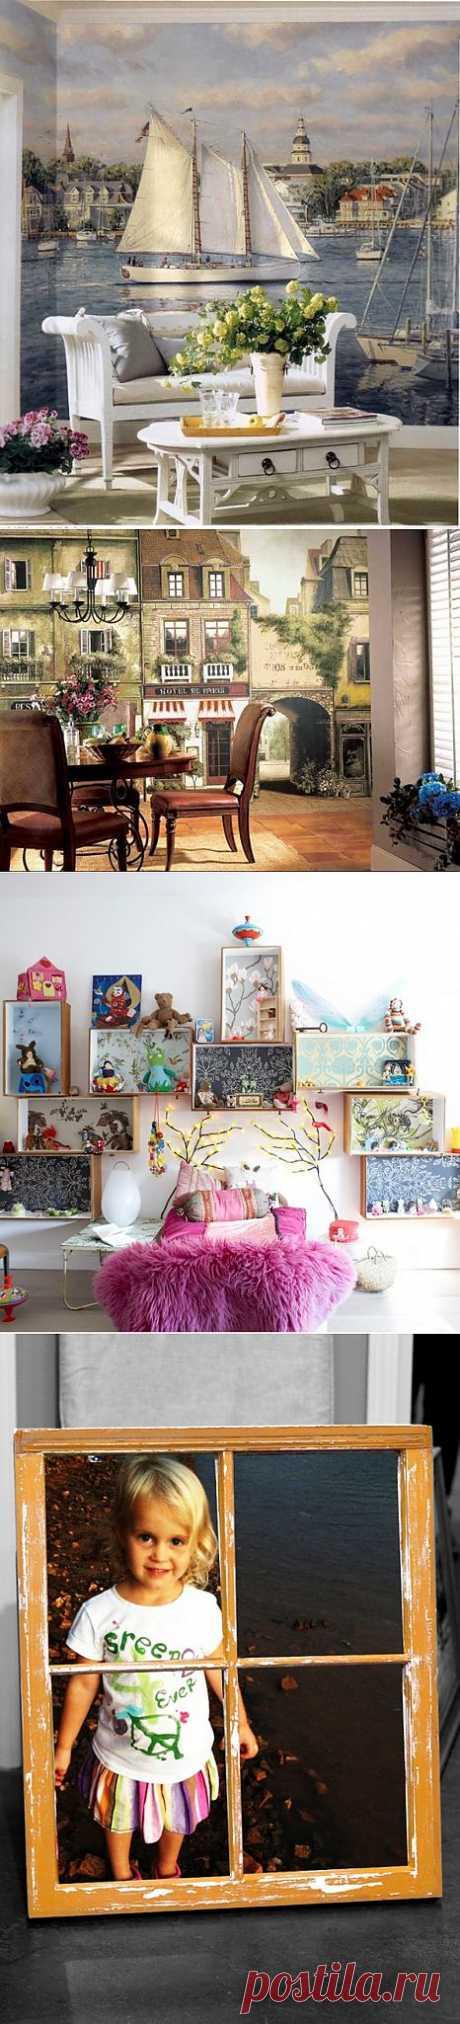 Уютный дом | Записи в рубрике Уютный дом | Valentina_iv - hand made, мода, кулинария, декор.